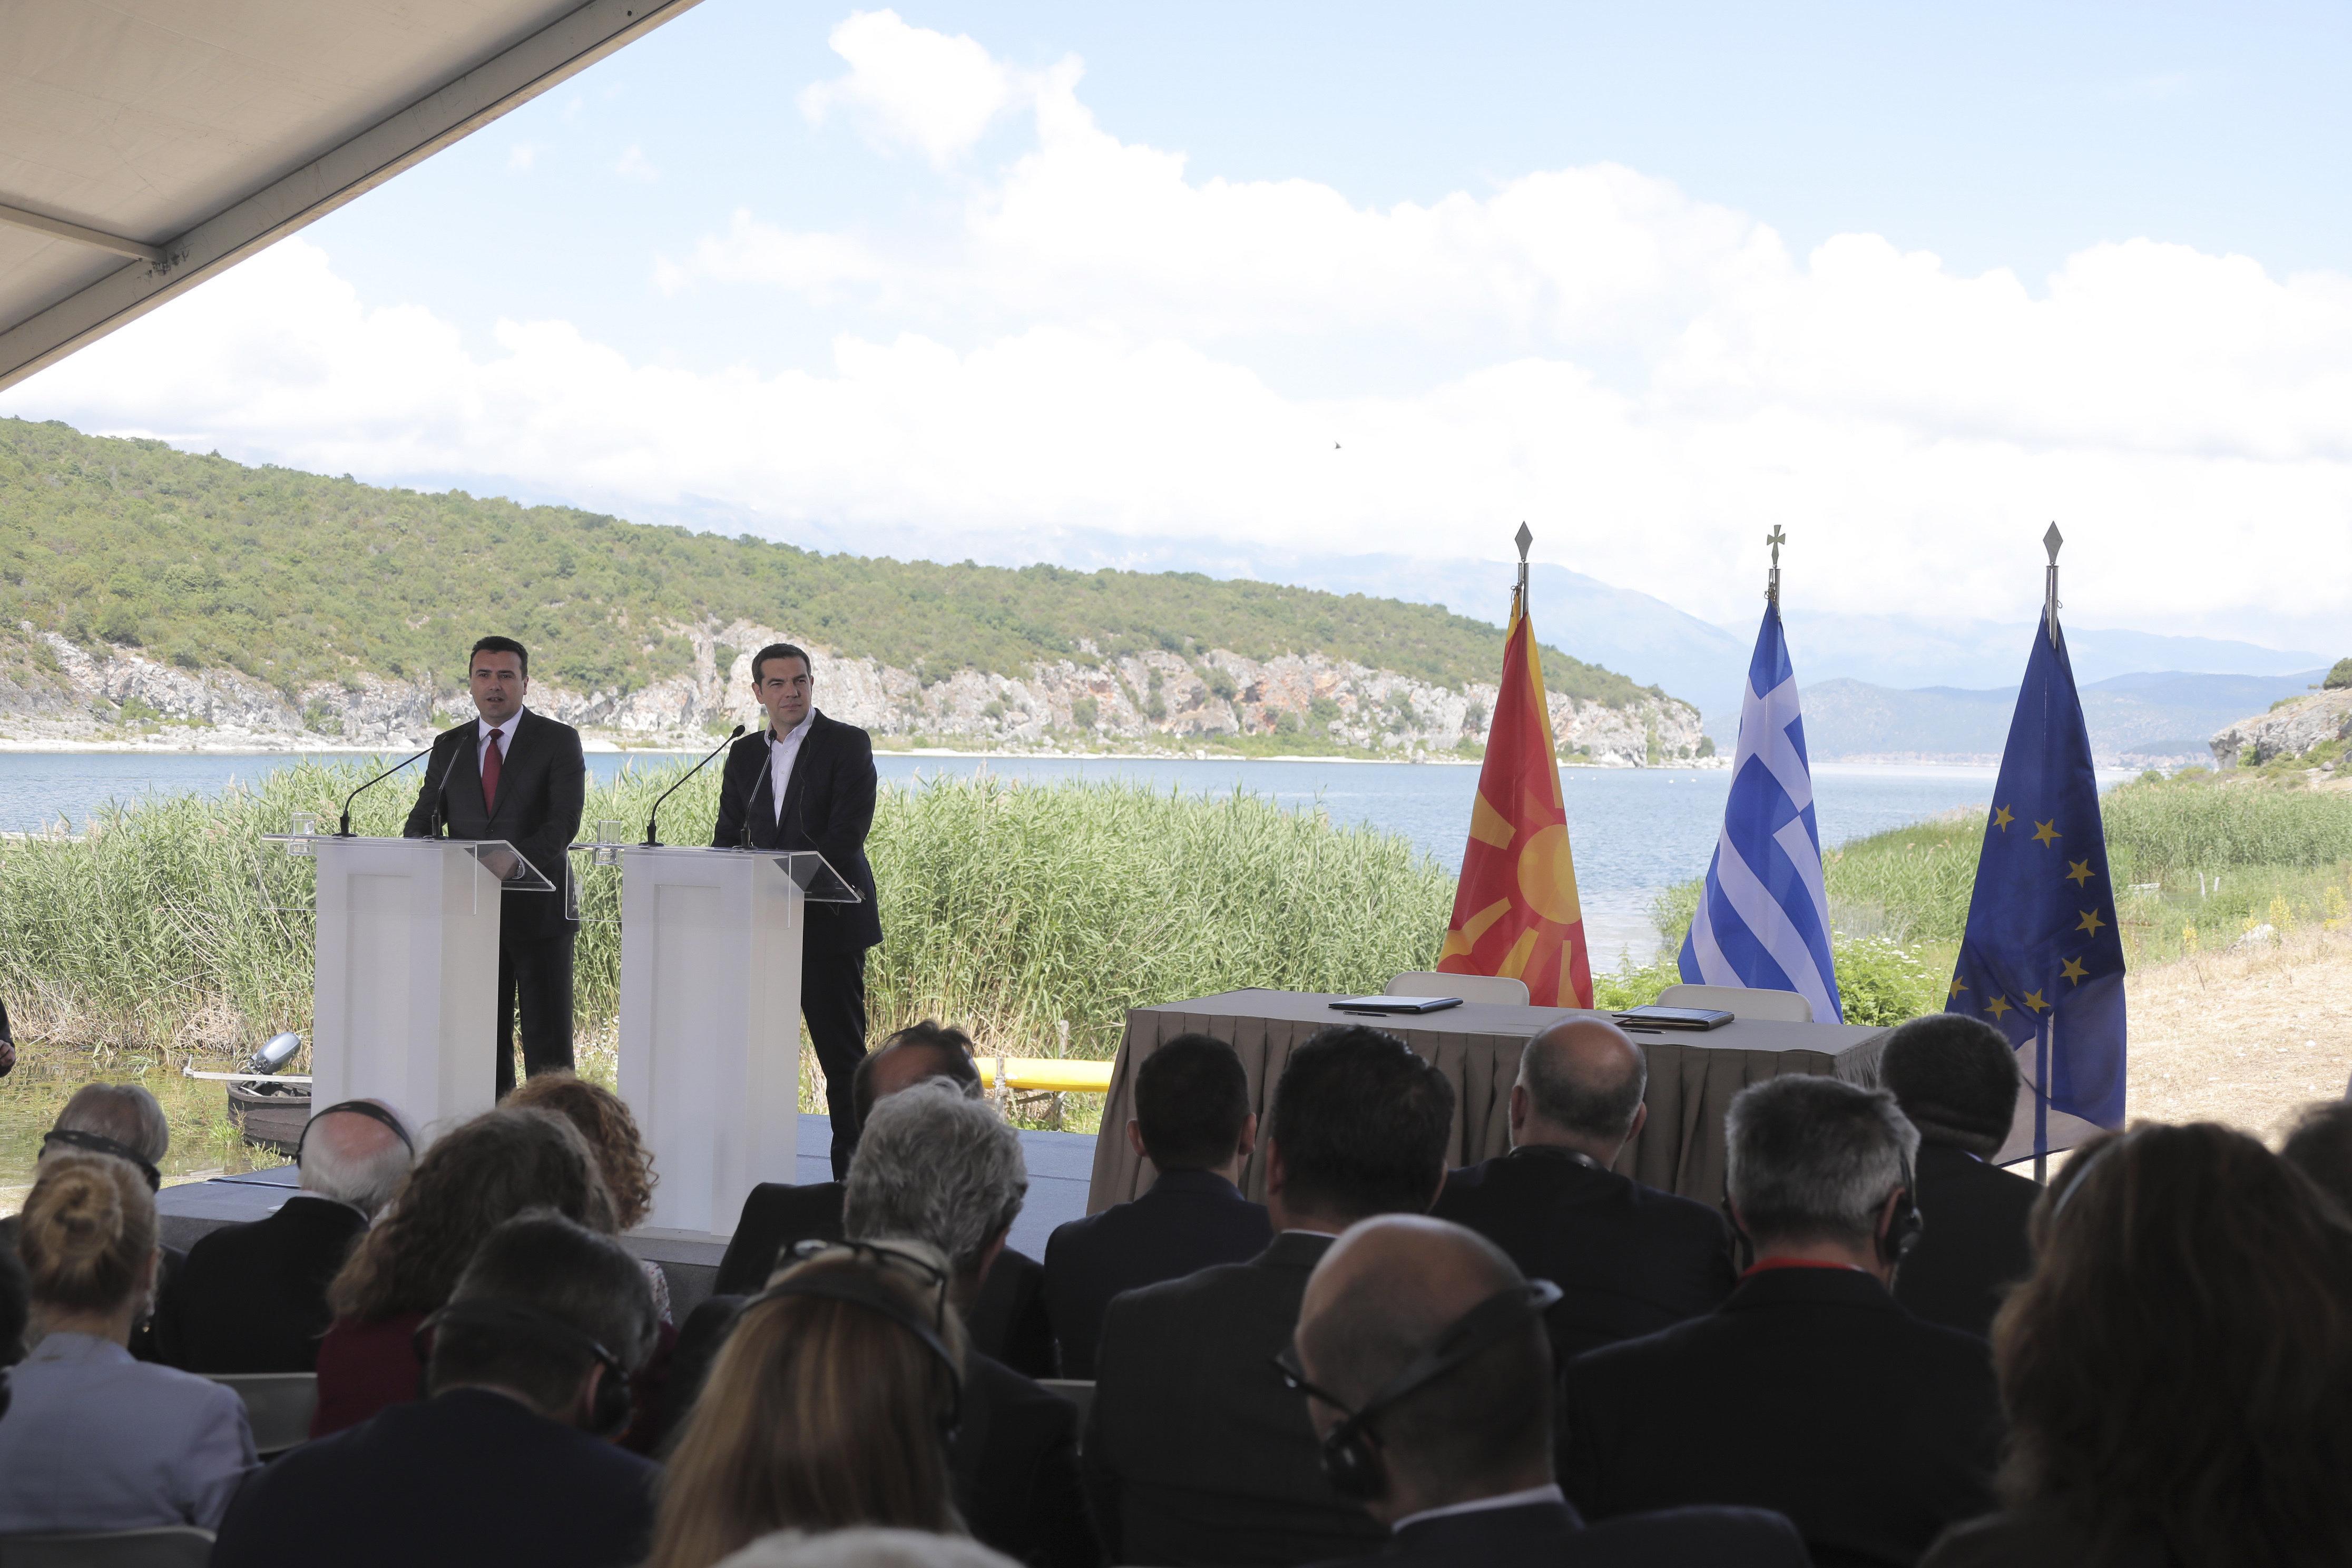 Τι «βλέπουν» οι Αμερικανοί για την επόμενη ημέρα της συμφωνίας των Πρεσπών, την Ελλάδα και τη